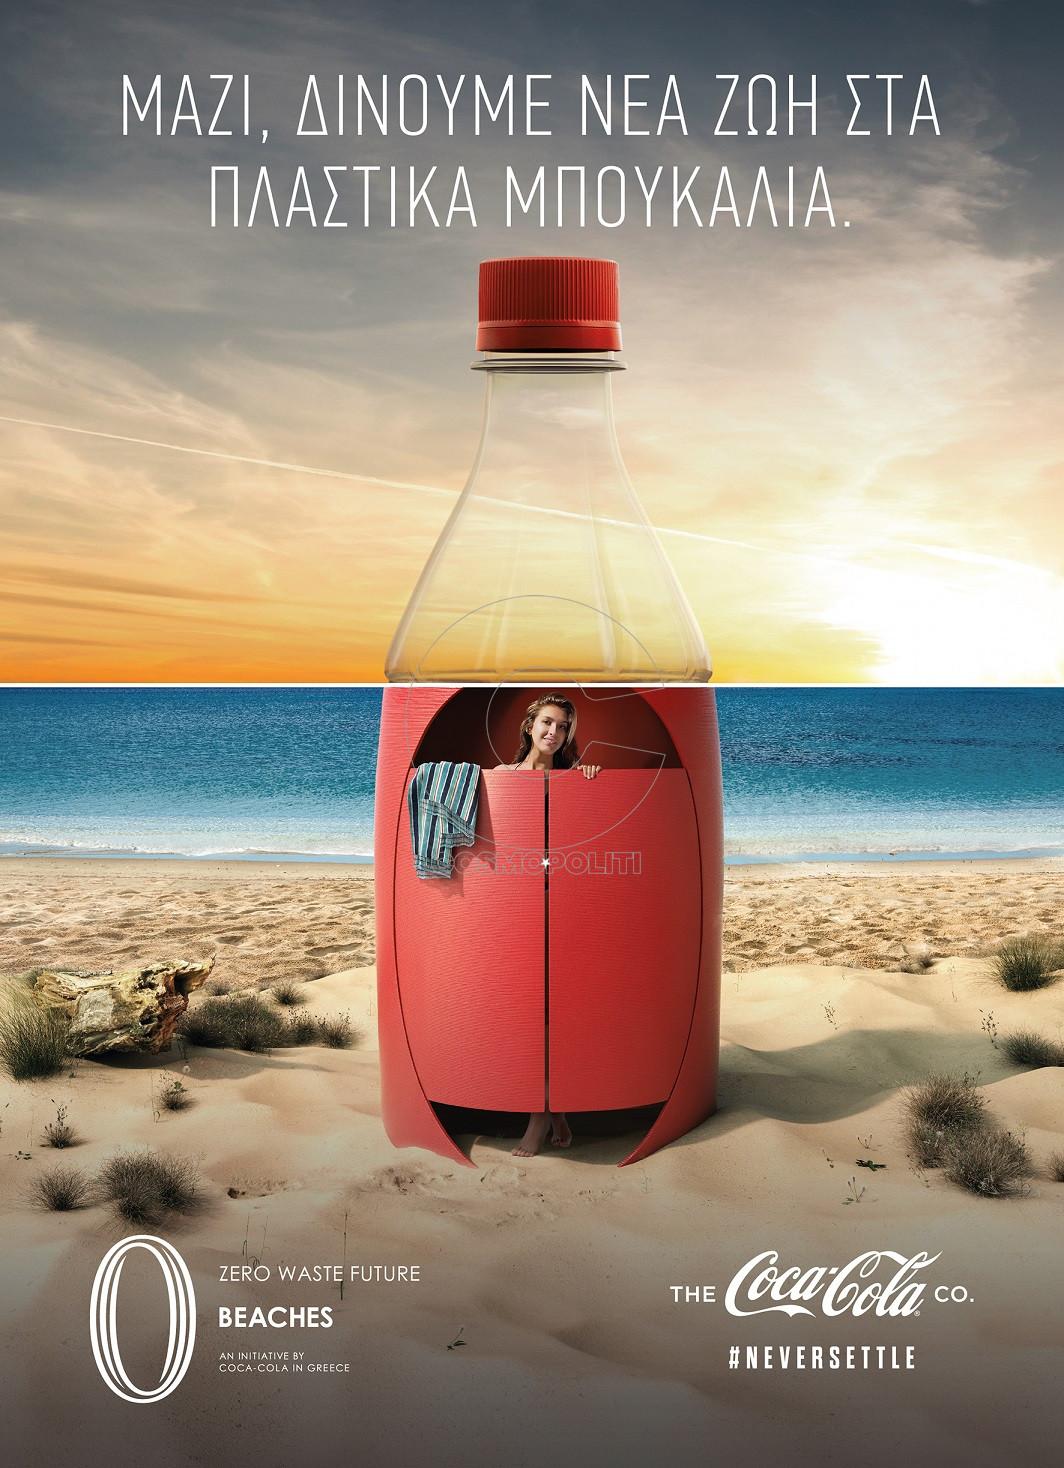 Coca-Cola_ZeroWaste_21x28-co